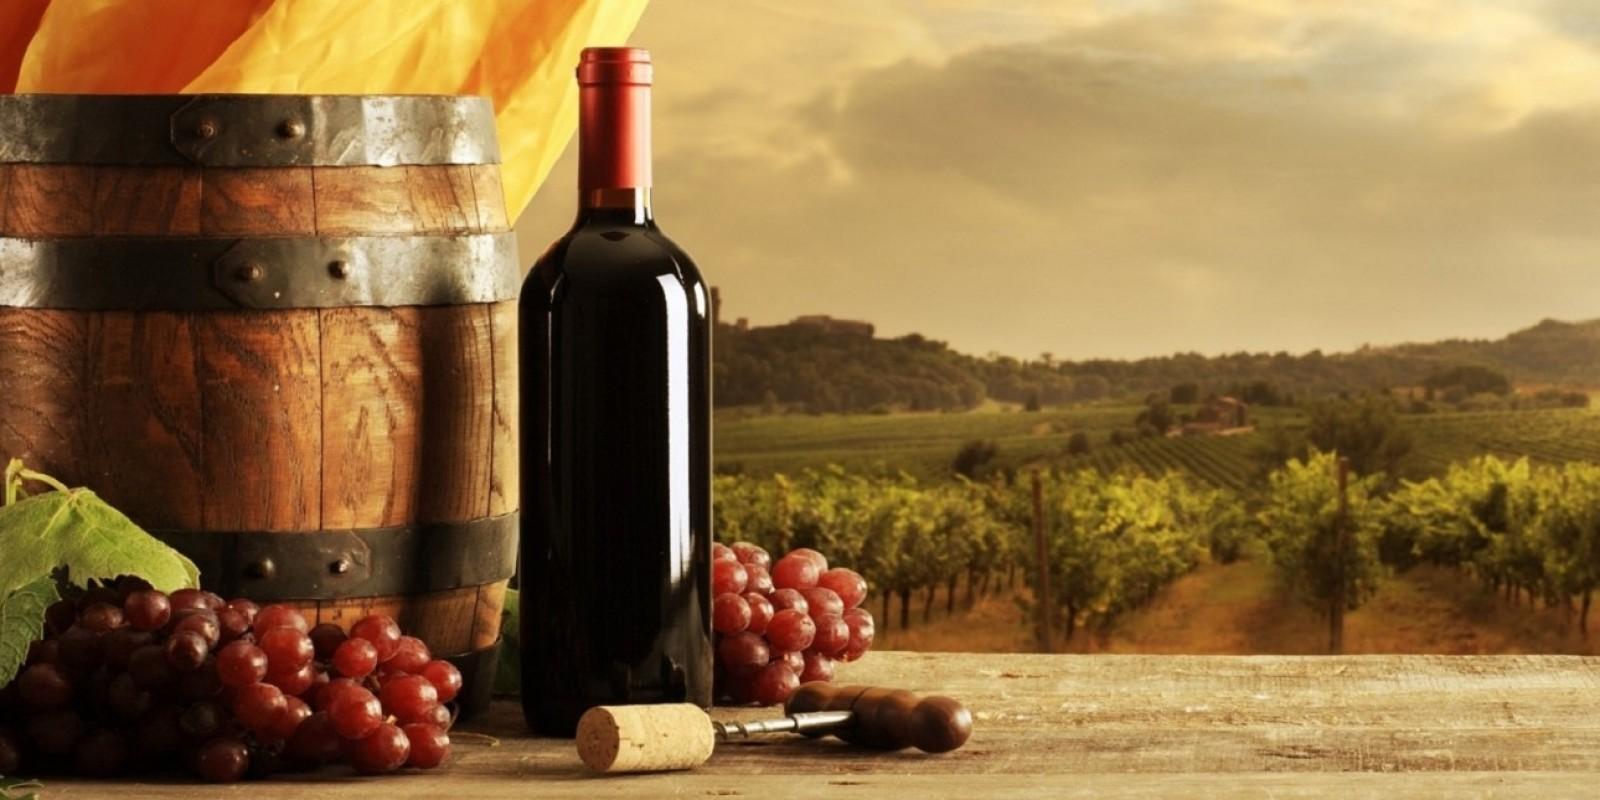 Risultati immagini per vino novello napoli da vivere